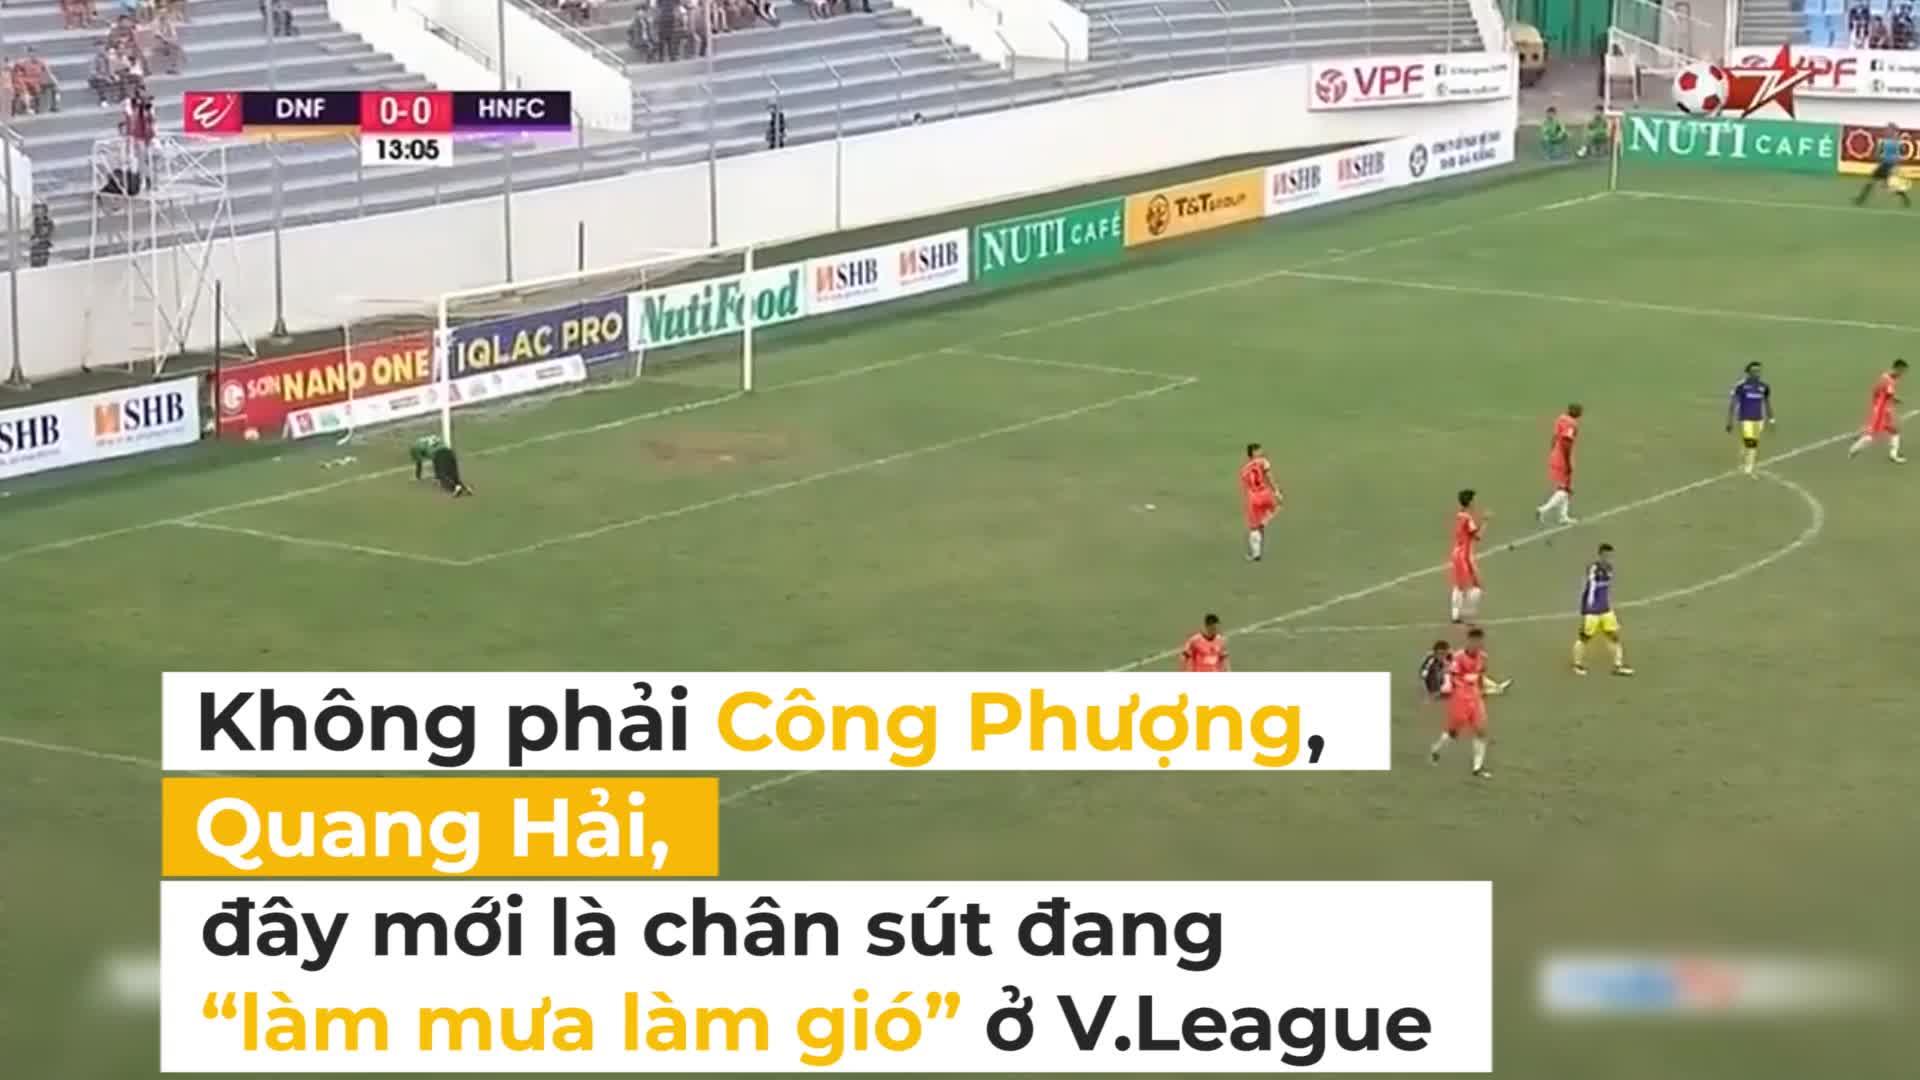 """Không phải Công Phượng, Quang Hải, đây mới là """"sát thủ"""" đang làm mưa làm gió ở V.League"""